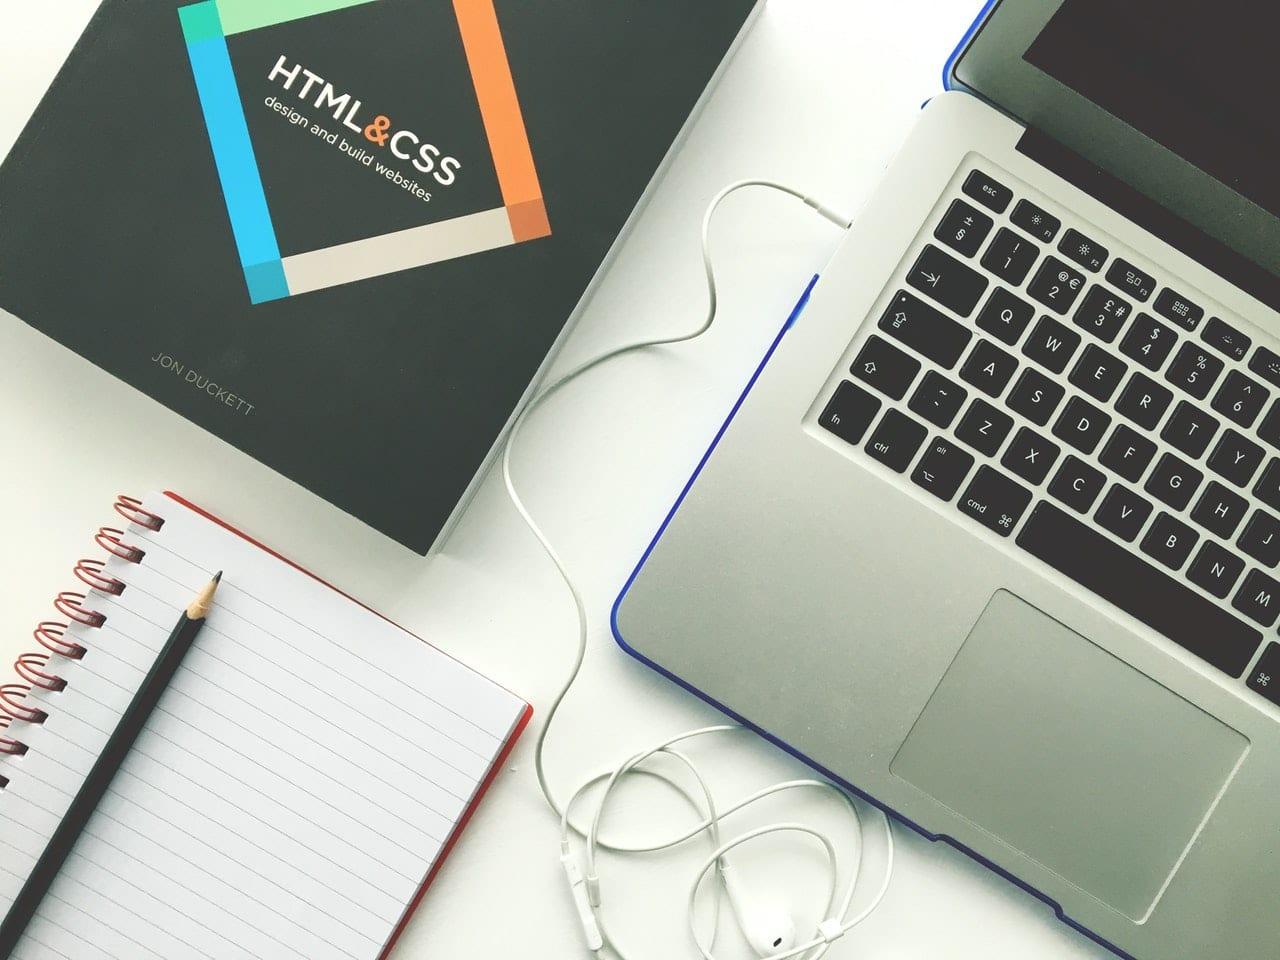 Portfolio com foco em desenvolvimento web: imagem de uma mesa com um livro, um caderno e um notebook.